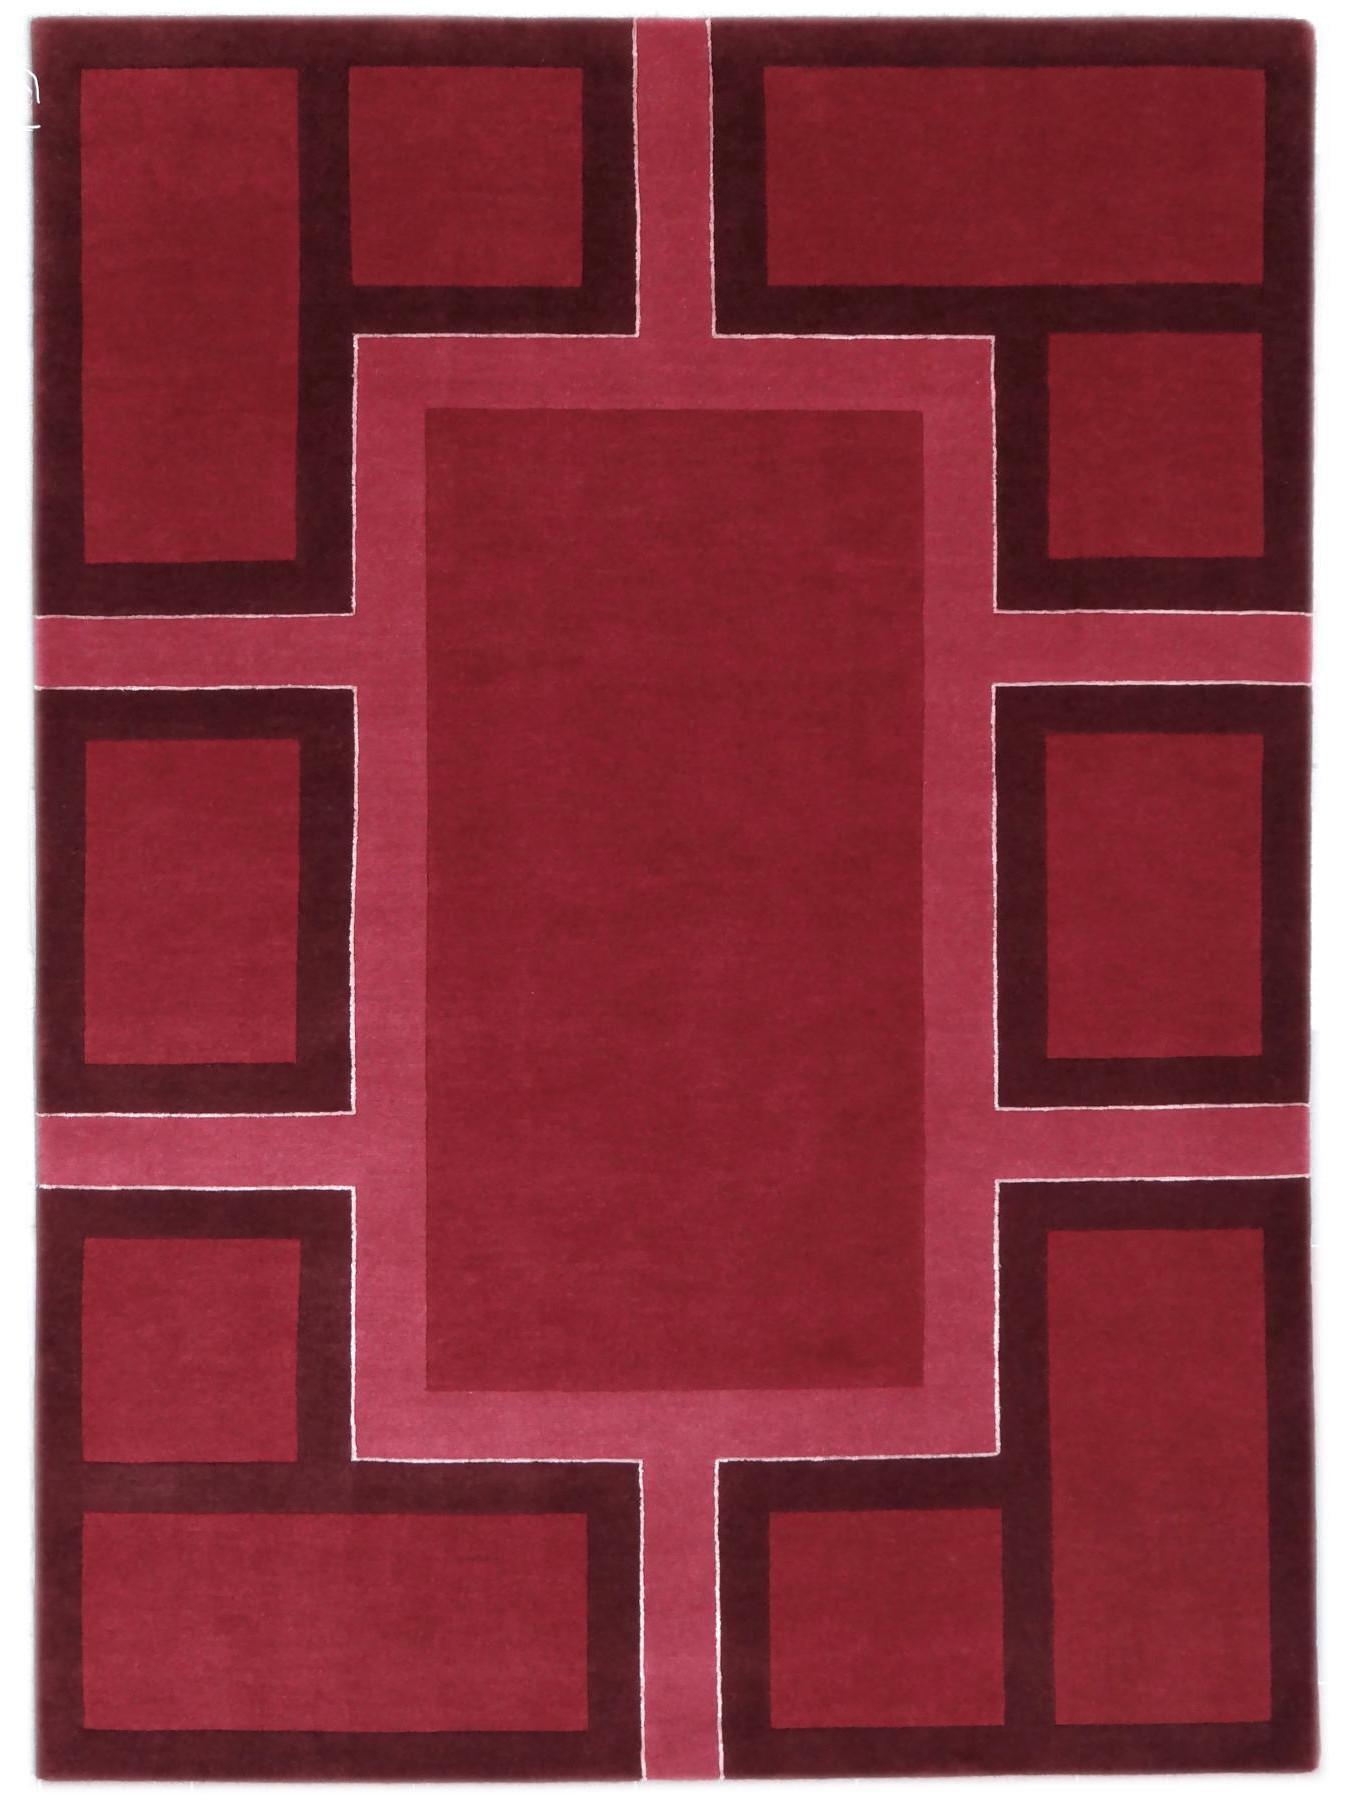 Tapis design - CLASSICO 601 - S1001 NOBILE